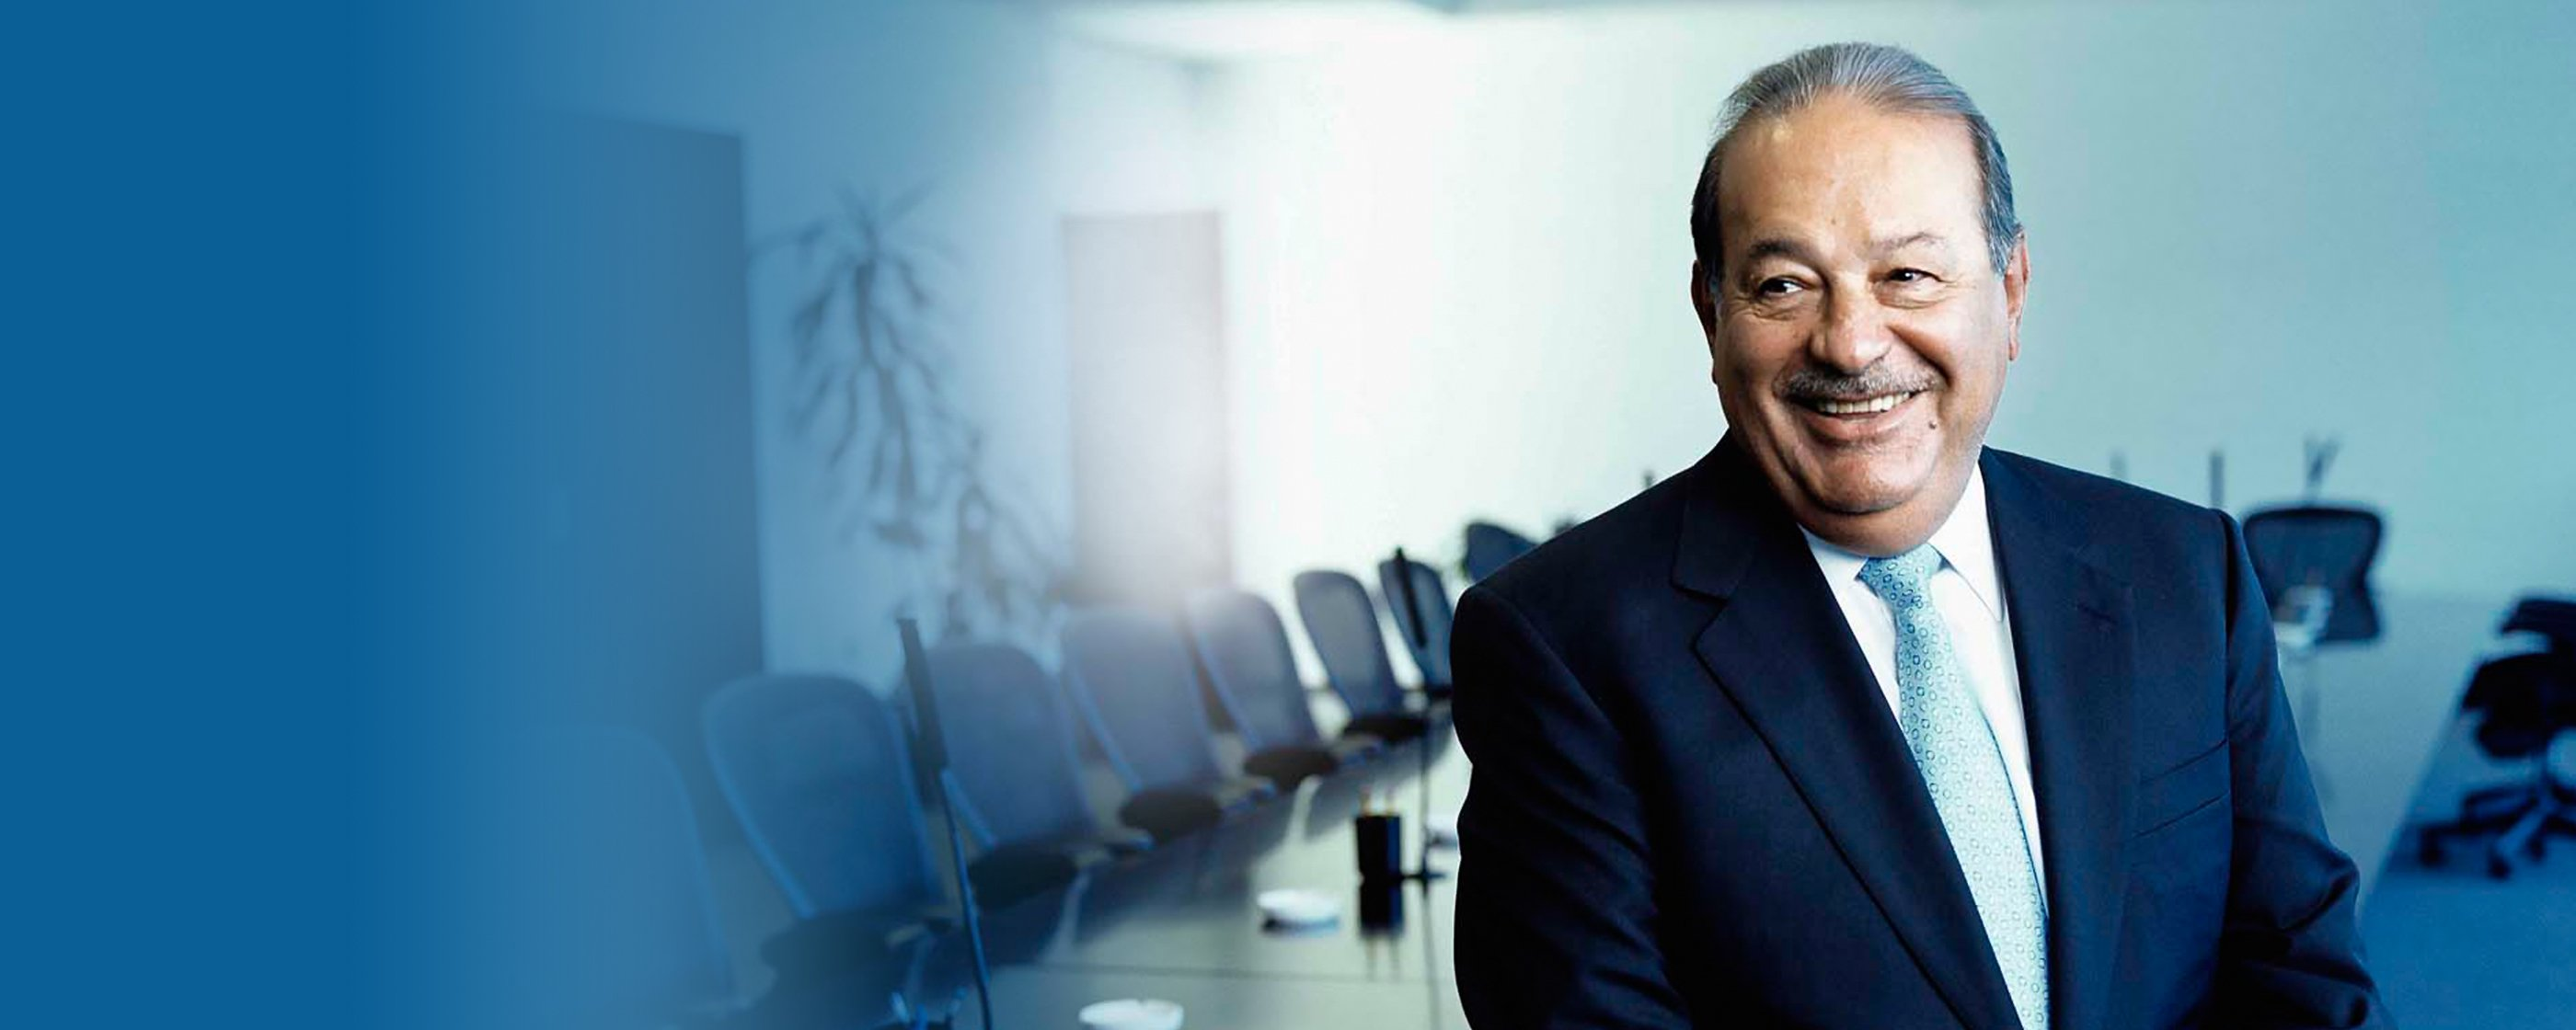 Slim controla más del 70,8% de la inmobiliaria Realia a través de su sociedad Inversora Carso